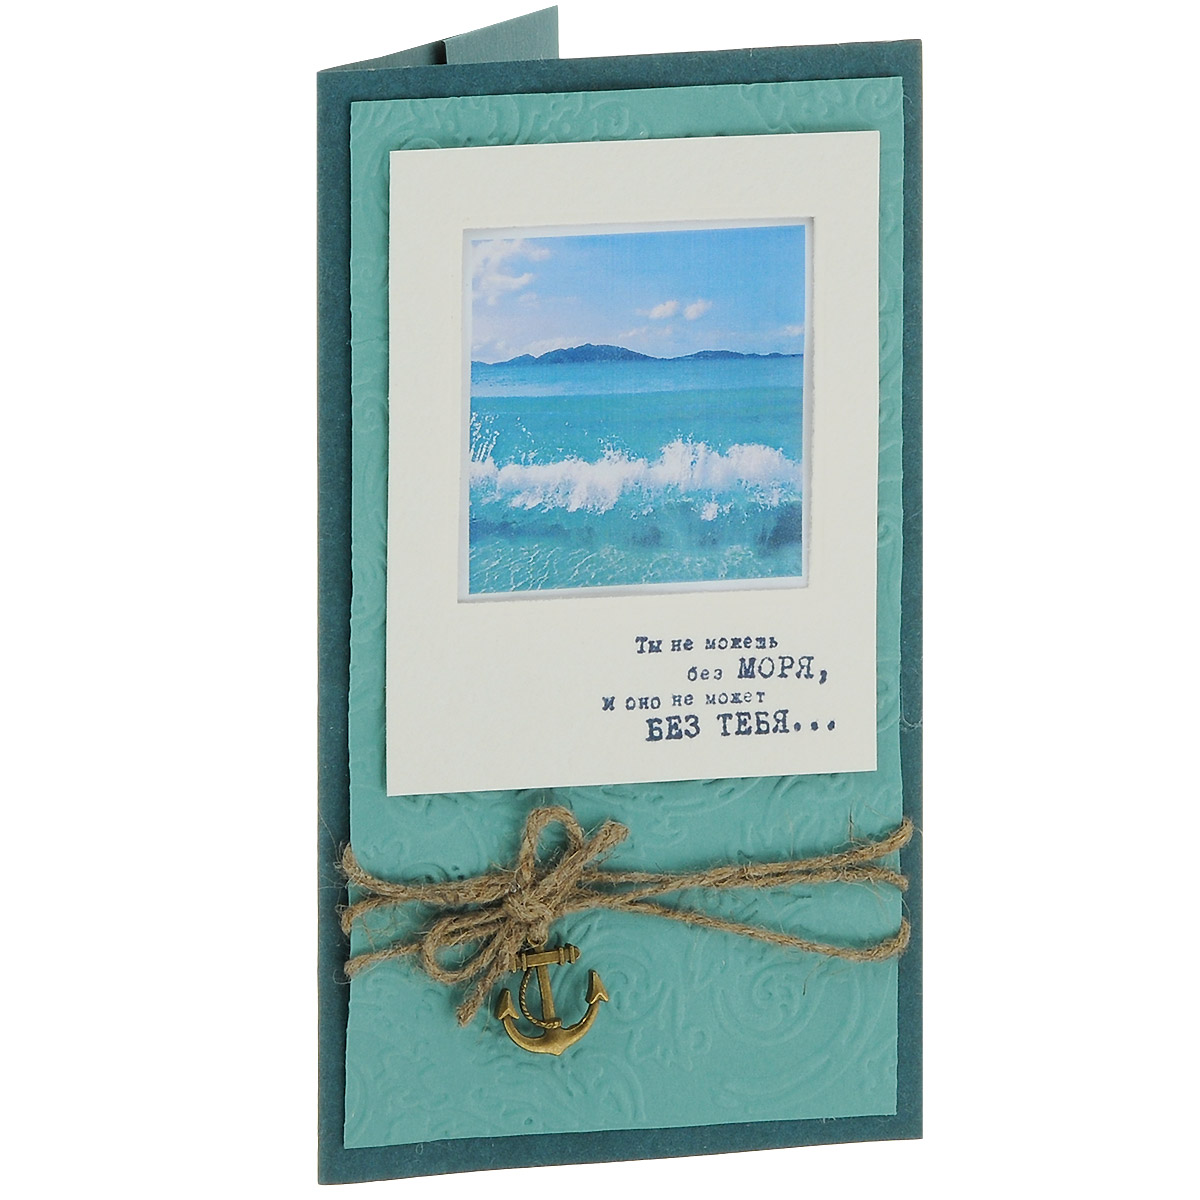 ОМ-0006 Открытка-конверт «Ты не можешь без моря, а море не может без тебя». Студия «Тётя Роза»94542Характеристики: Размер 19 см x 11 см.Материал: Высоко-художественный картон, бумага, декор. Данная открытка может стать как прекрасным дополнением к вашему подарку, так и самостоятельным подарком. Так как открытка является и конвертом, в который вы можете вложить ваш денежный подарок или просто написать ваши пожелания на вкладыше. Открытка-картина, сочетает в себе одновременно и функции подарка. Дизайн продуман очень универсально: такая открытка может быть украшением любого знаменательного события. В дизайне использовано текстурное тиснение, многослойные разно-фактурные картоны, шнур и металлическая подвеска «штурвал». Также открытка упакована в пакетик для сохранности.Обращаем Ваше внимание на то, что открытка может незначительно отличаться от представленной на фото.Открытки ручной работы от студии Тётя Роза отличаются своим неповторимым и ярким стилем. Каждая уникальна и выполнена вручную мастерами студии. (Открытка для мужчин, открытка для женщины, открытка на день рождения, открытка с днем свадьбы, открытка винтаж, открытка с юбилеем, открытка на все случаи, скрапбукинг)